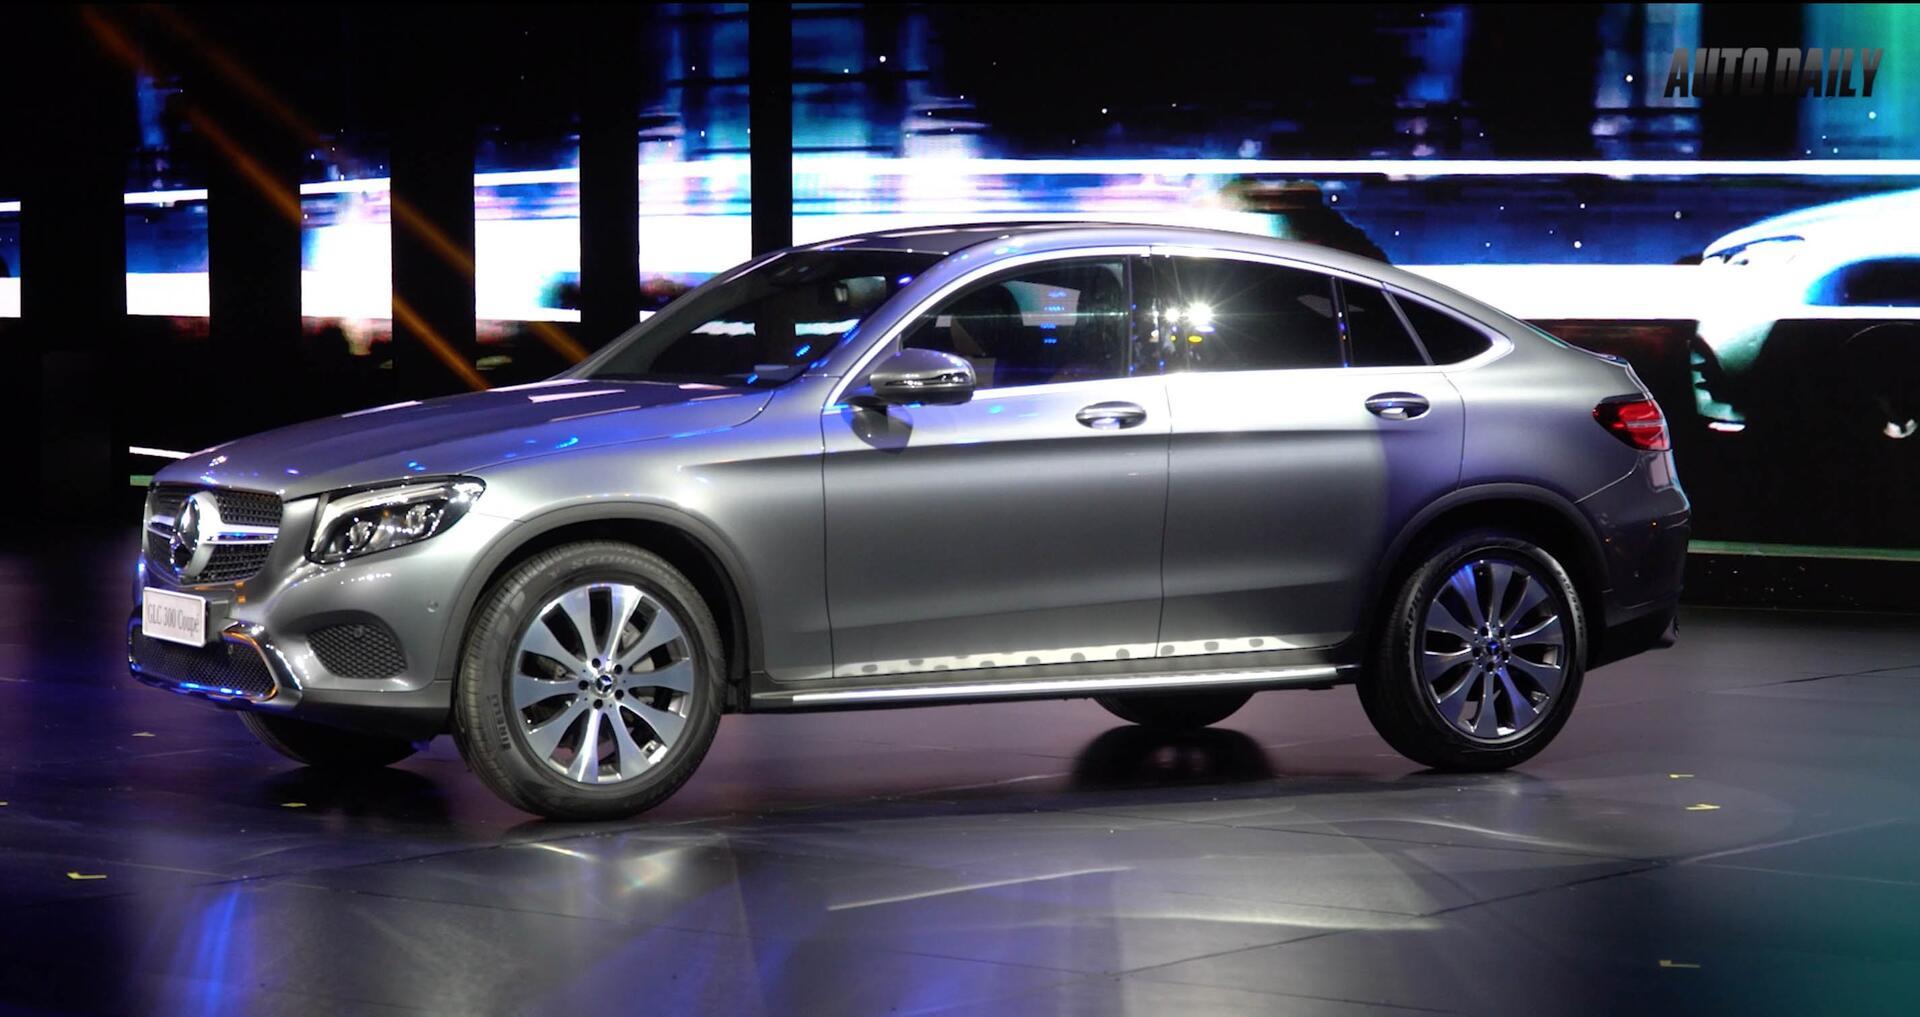 Tìm hiểu nhanh Mercedes GLC 300 4MATIC Coupe giá 2,9 tỷ đồng - Hình 1